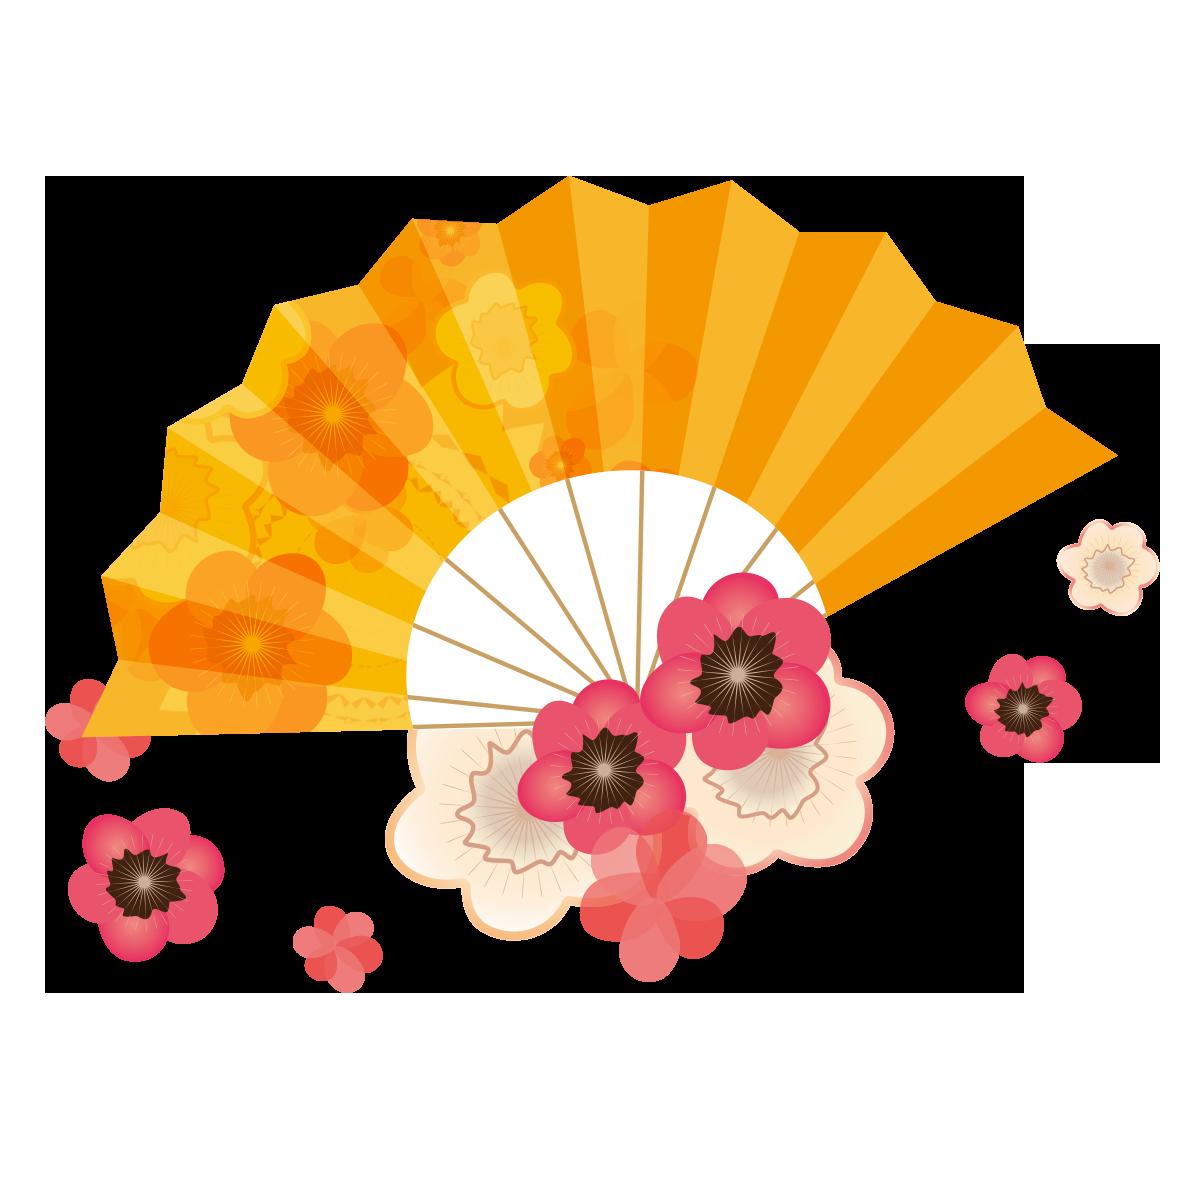 梅の花と扇 無料イラスト愛